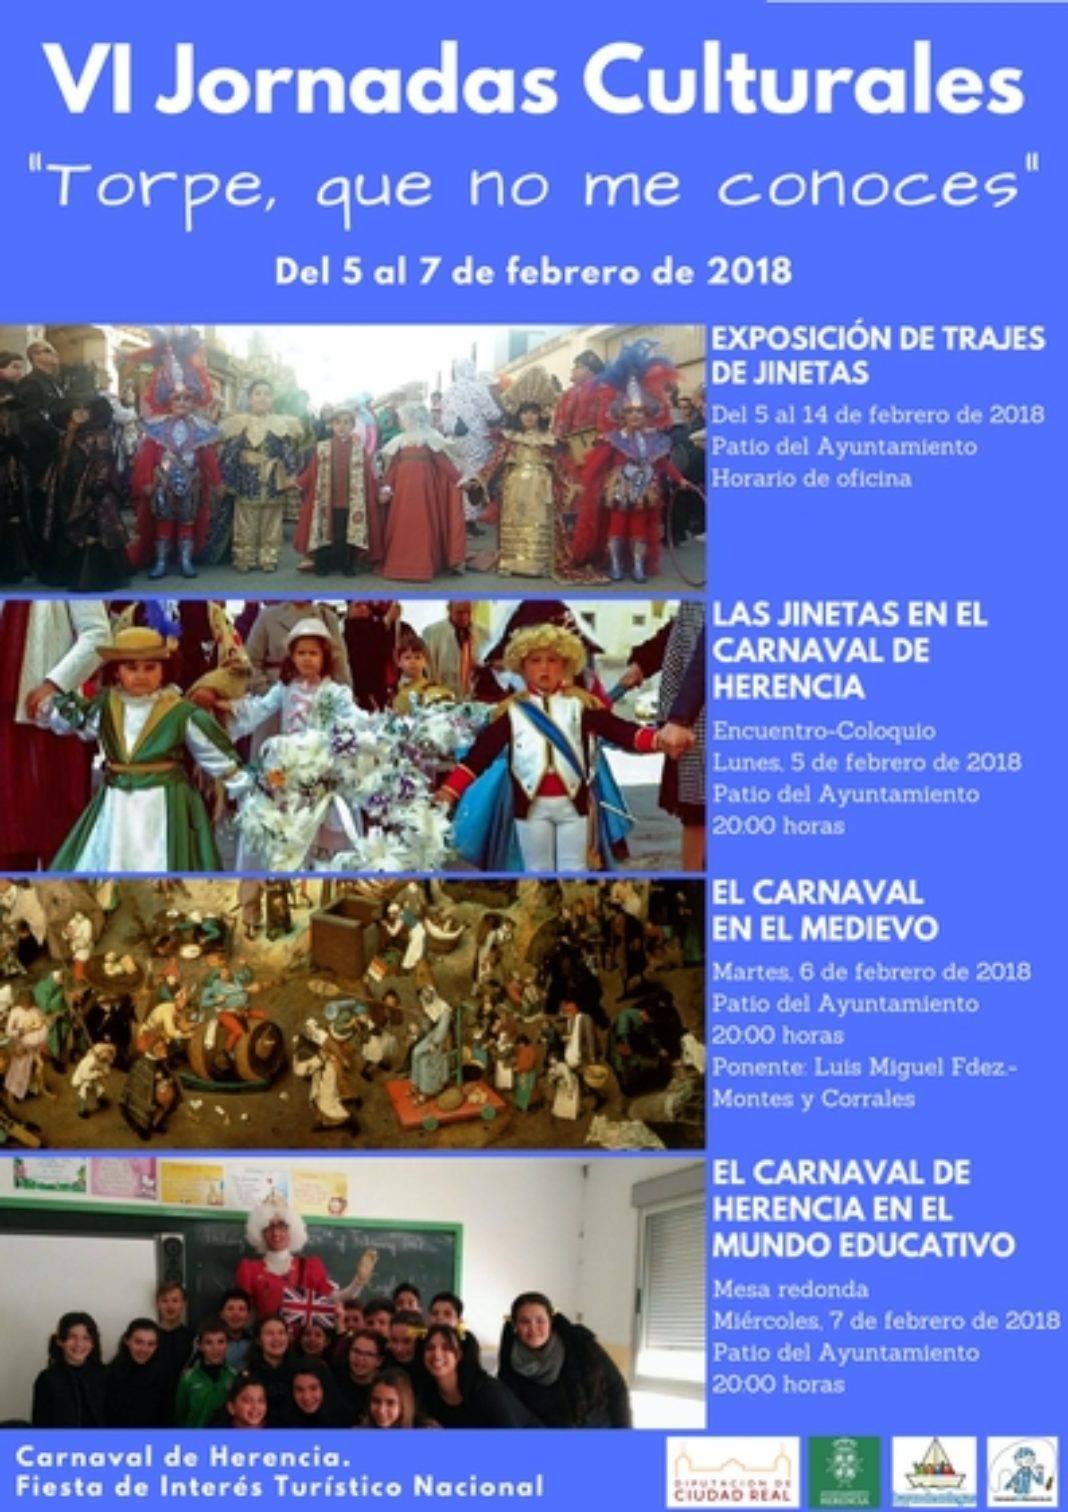 VI Jornadas Torpe que no me conoces 2018 1 1068x1512 - VI Jornadas Culturales: Pasado, presente y futuro del Carnaval de Herencia